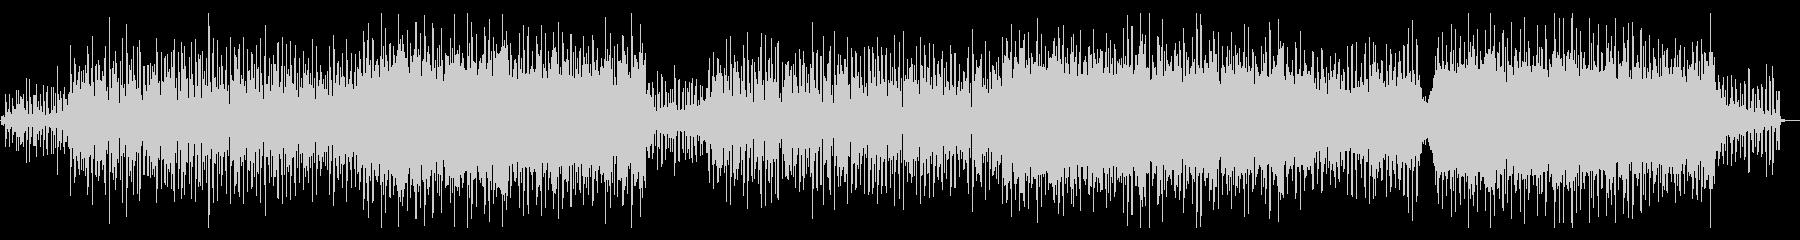 【生演奏】爽やかで前向きアコギポップスBの未再生の波形